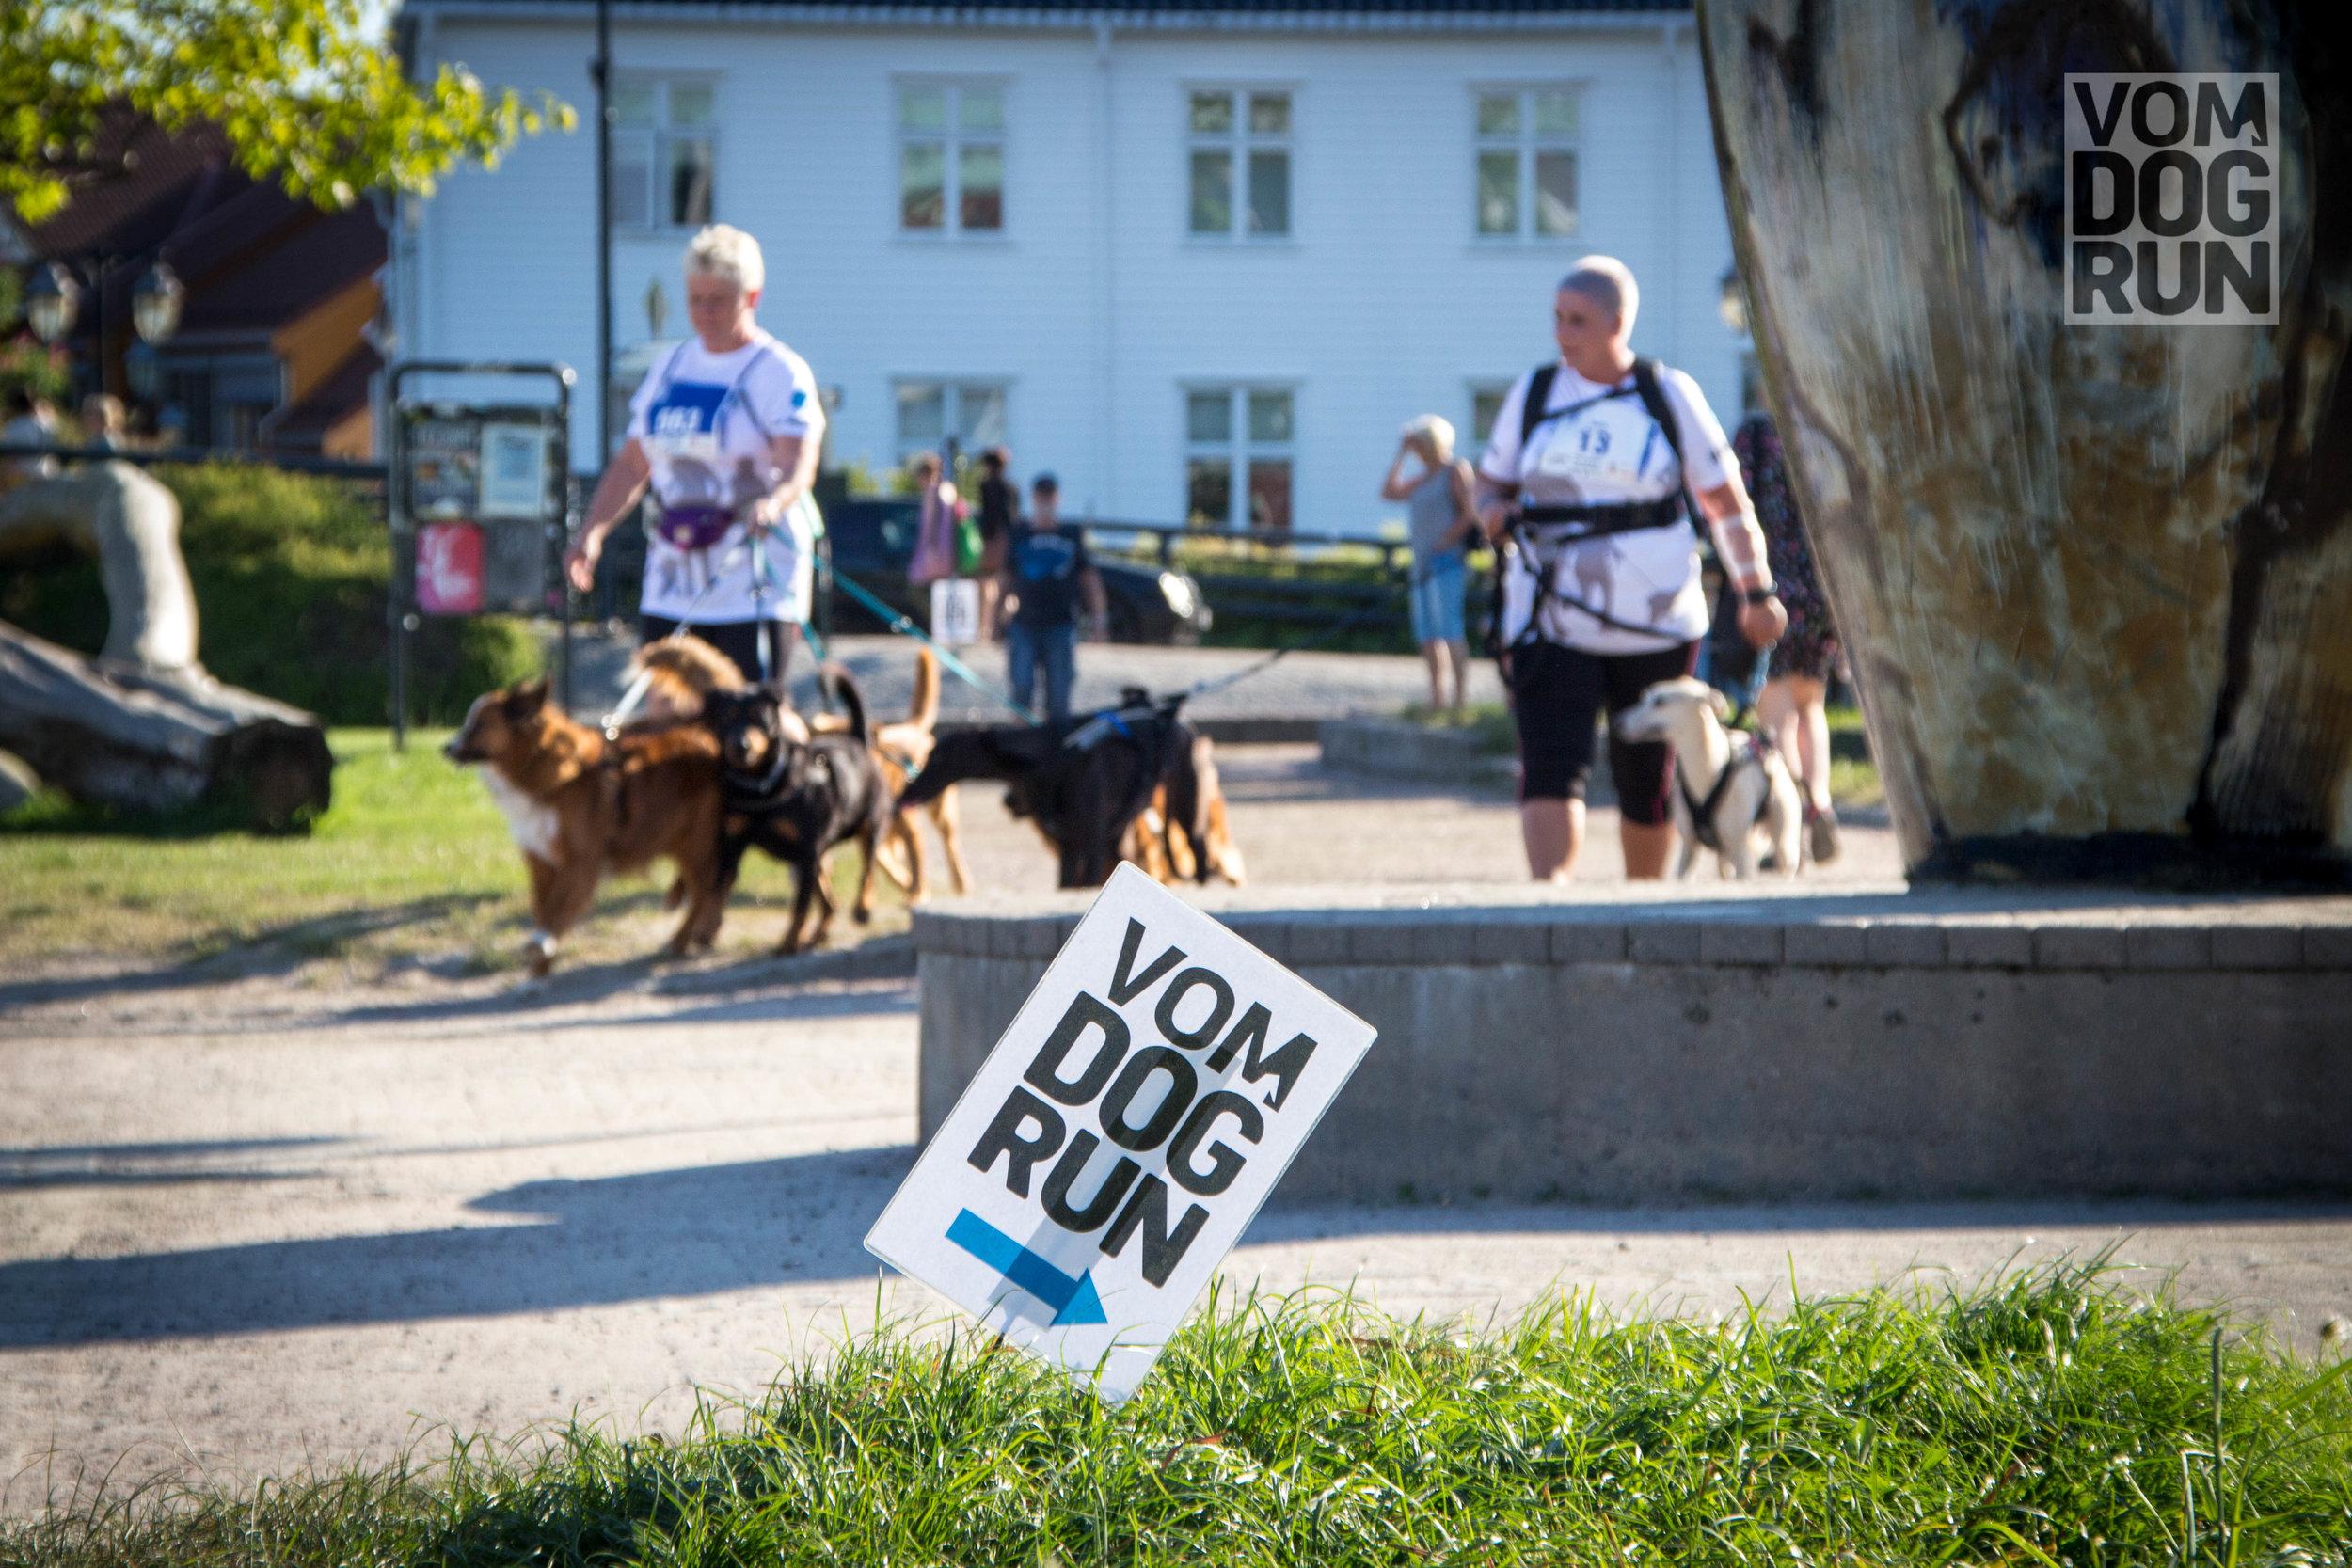 VOM Dog Run SoMe-63.jpg